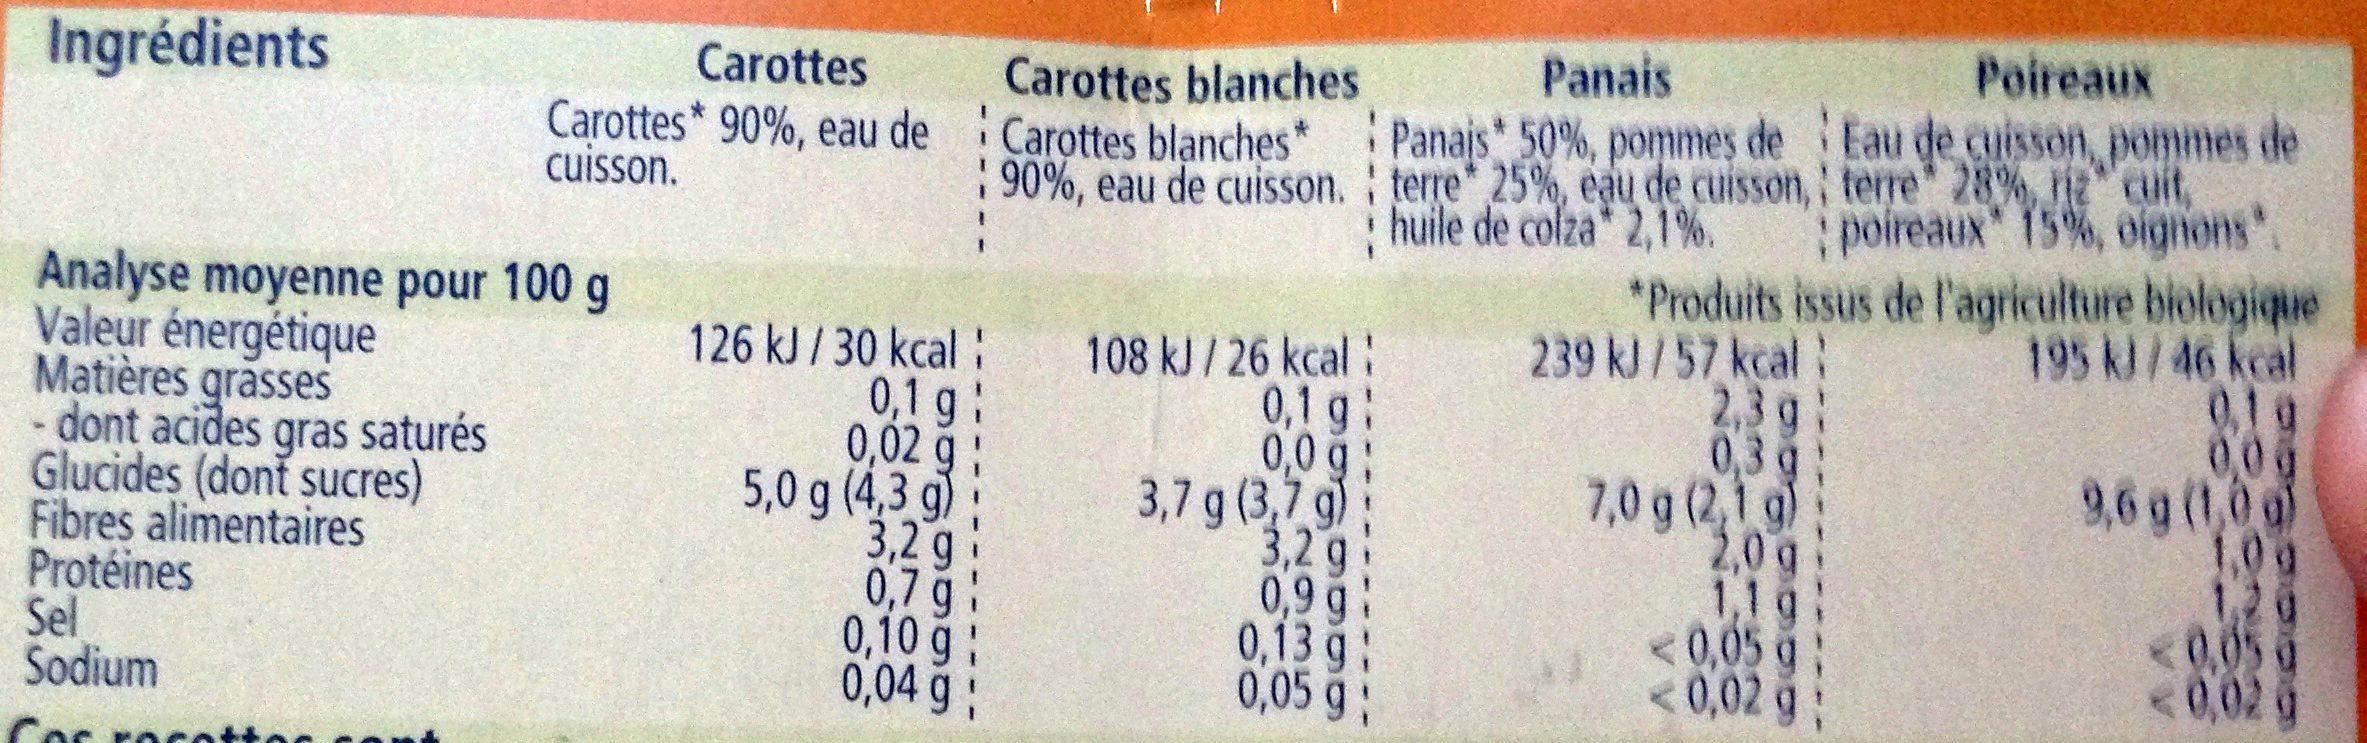 Offre diversification Légumes (Carottes blanches, Carottes, Panais, Poireaux) - Nutrition facts